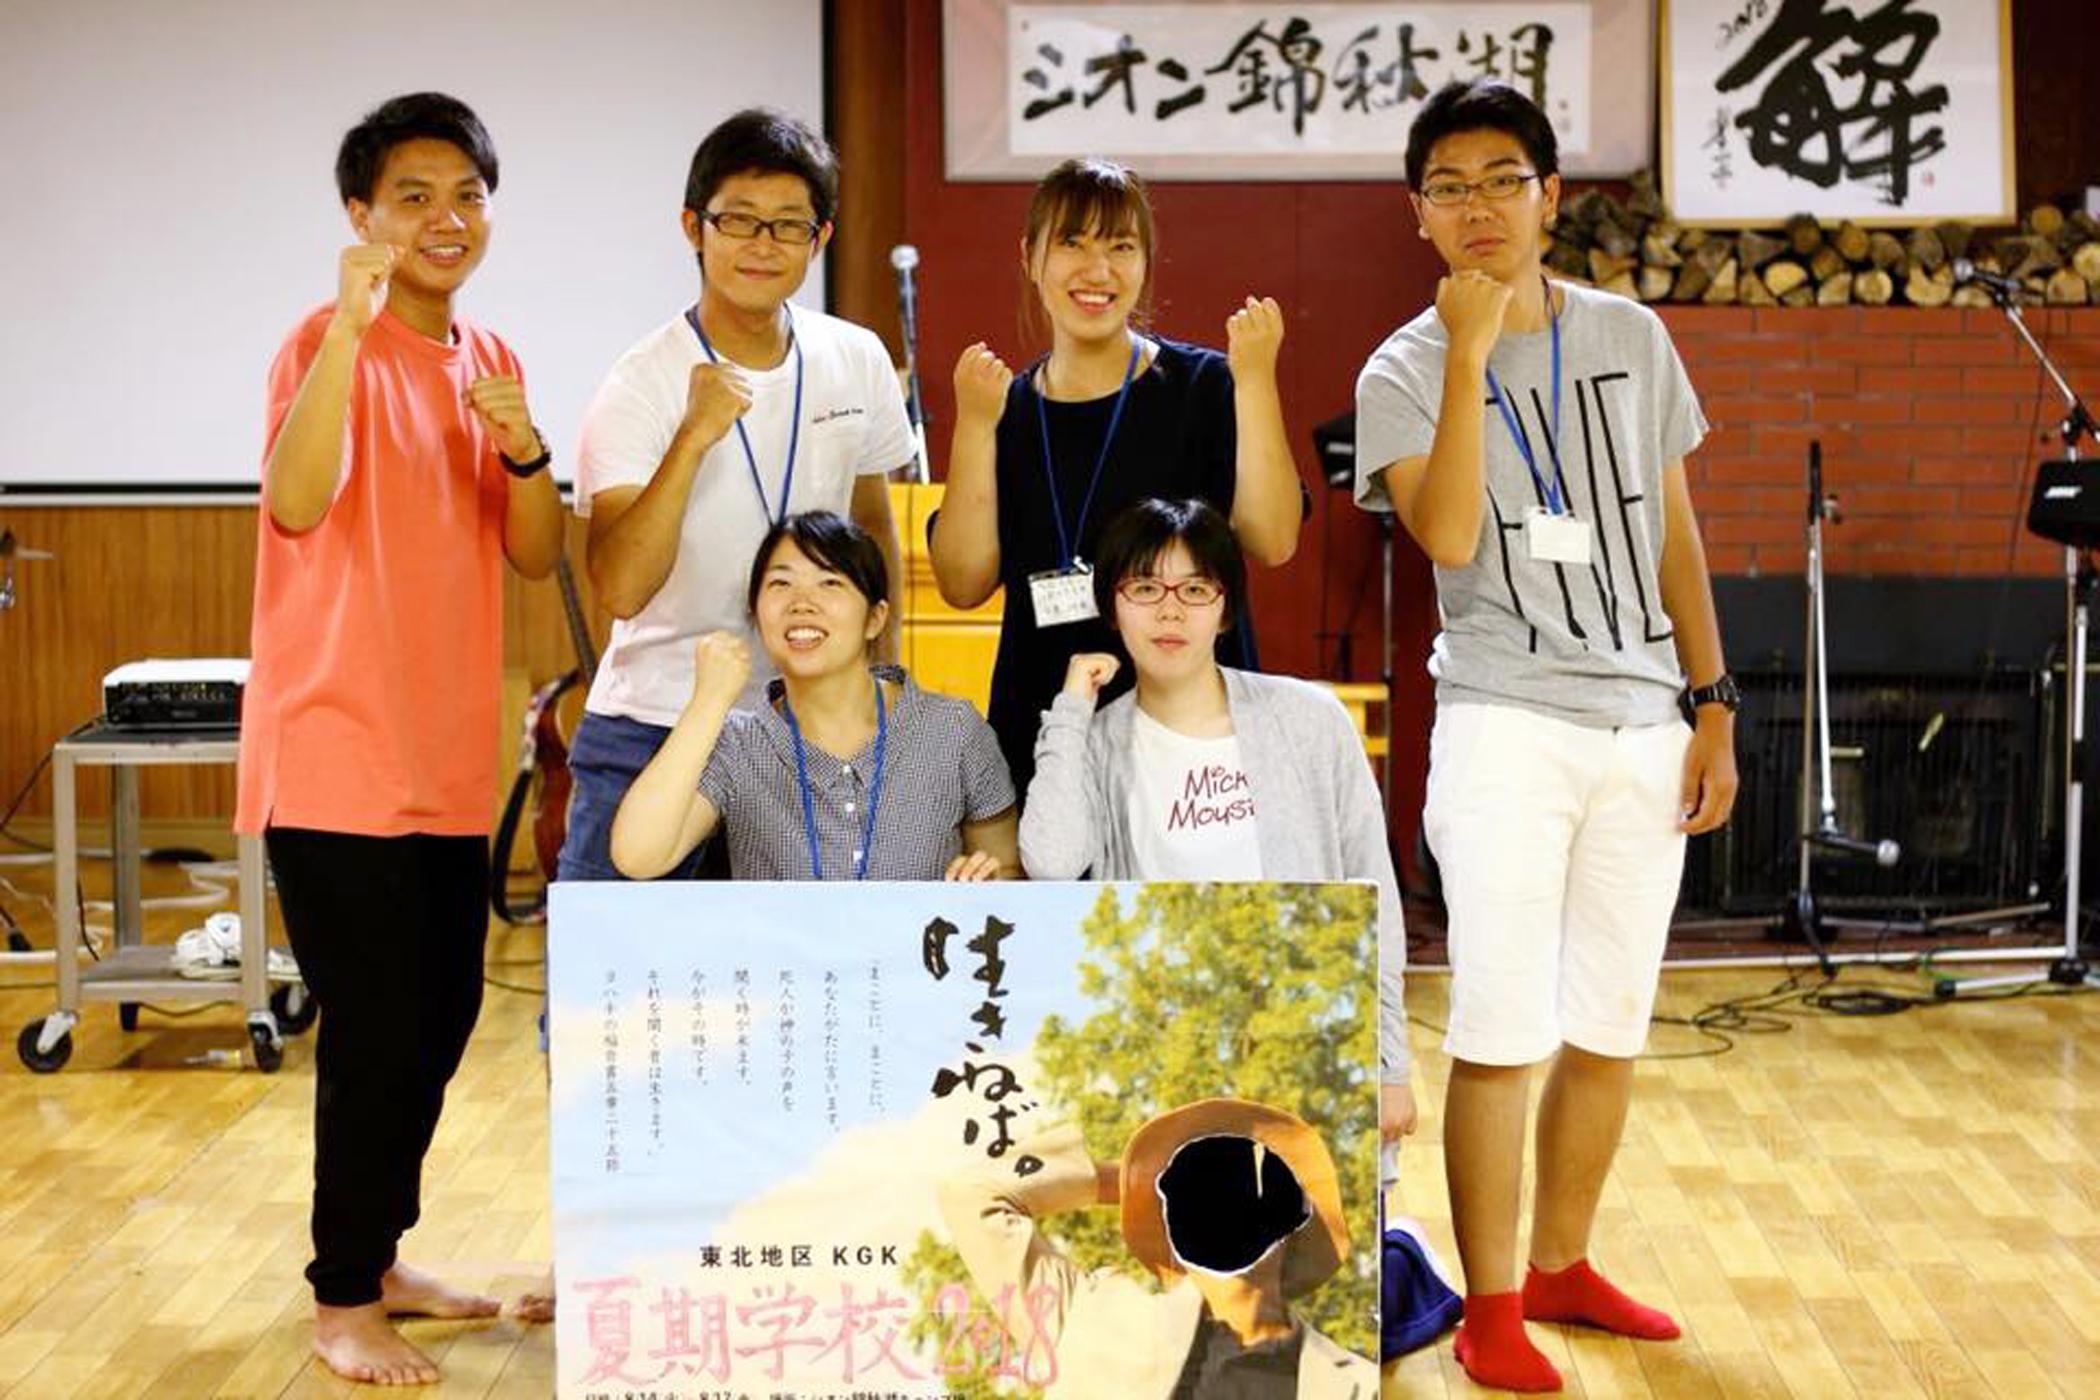 【学生レポート】「キリスト者学生会(KGK)夏期学校」に参加してきました